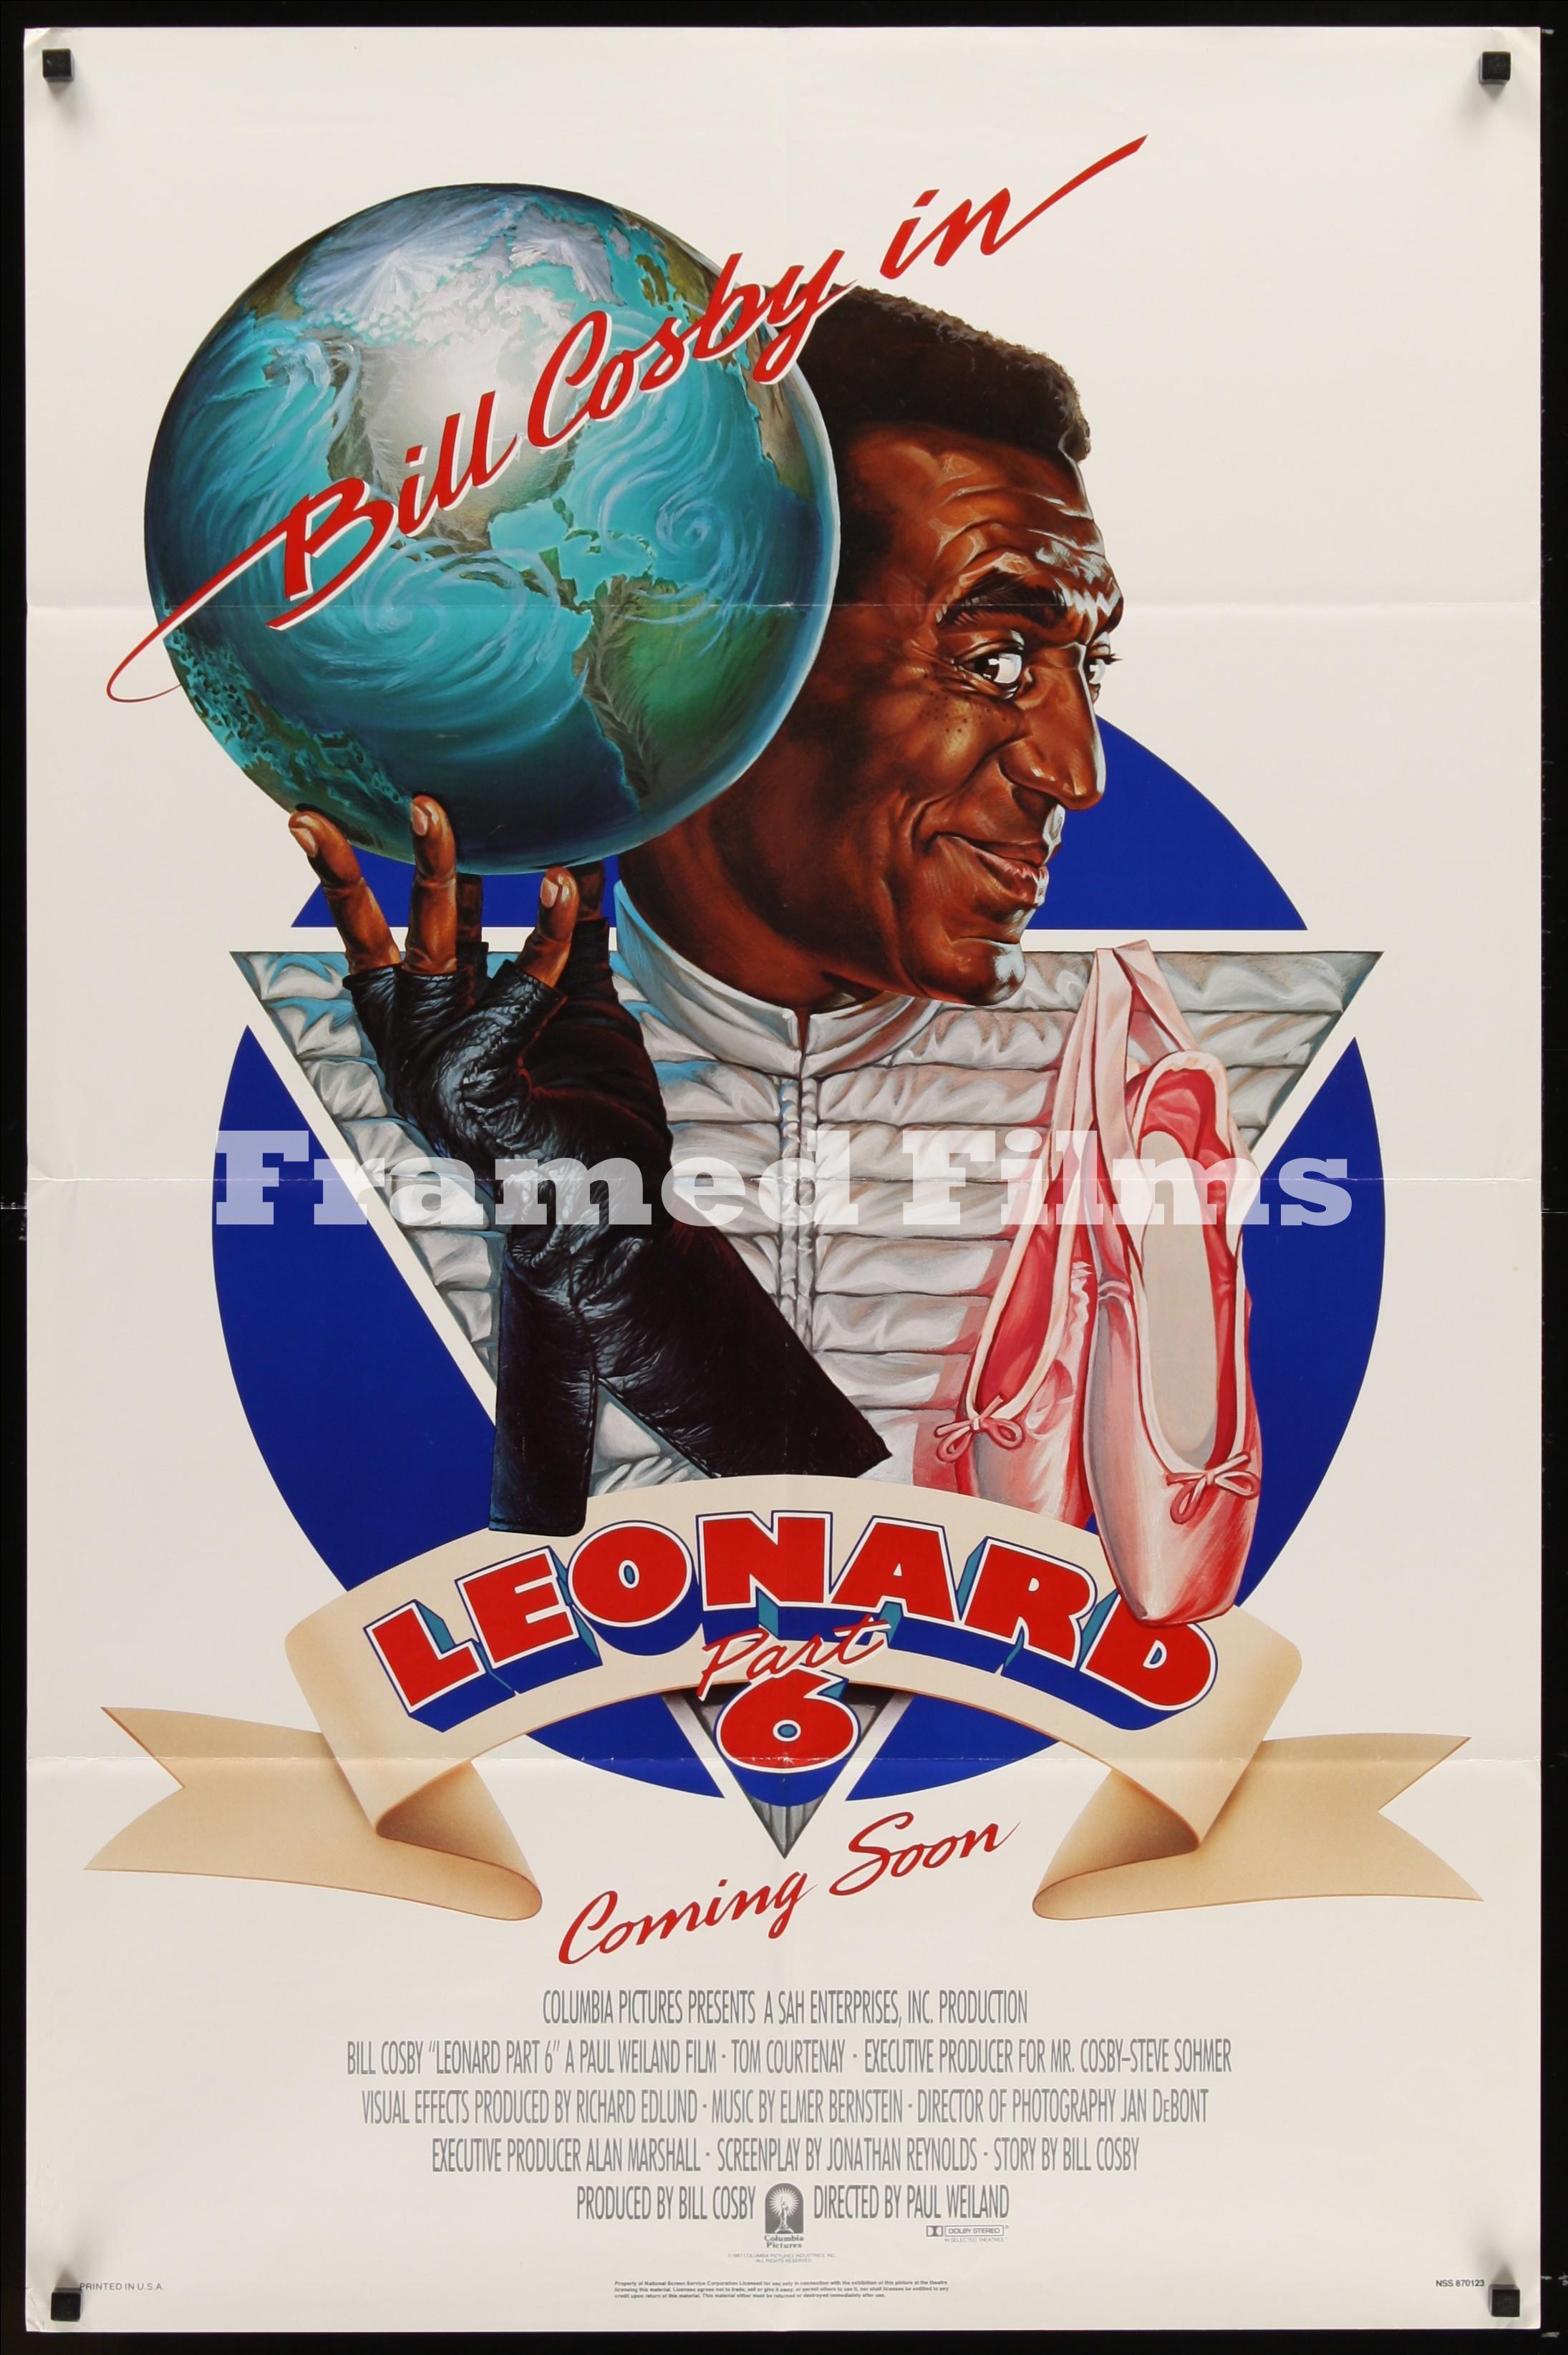 leonard_part_6_advance_NZ03510_L.jpg